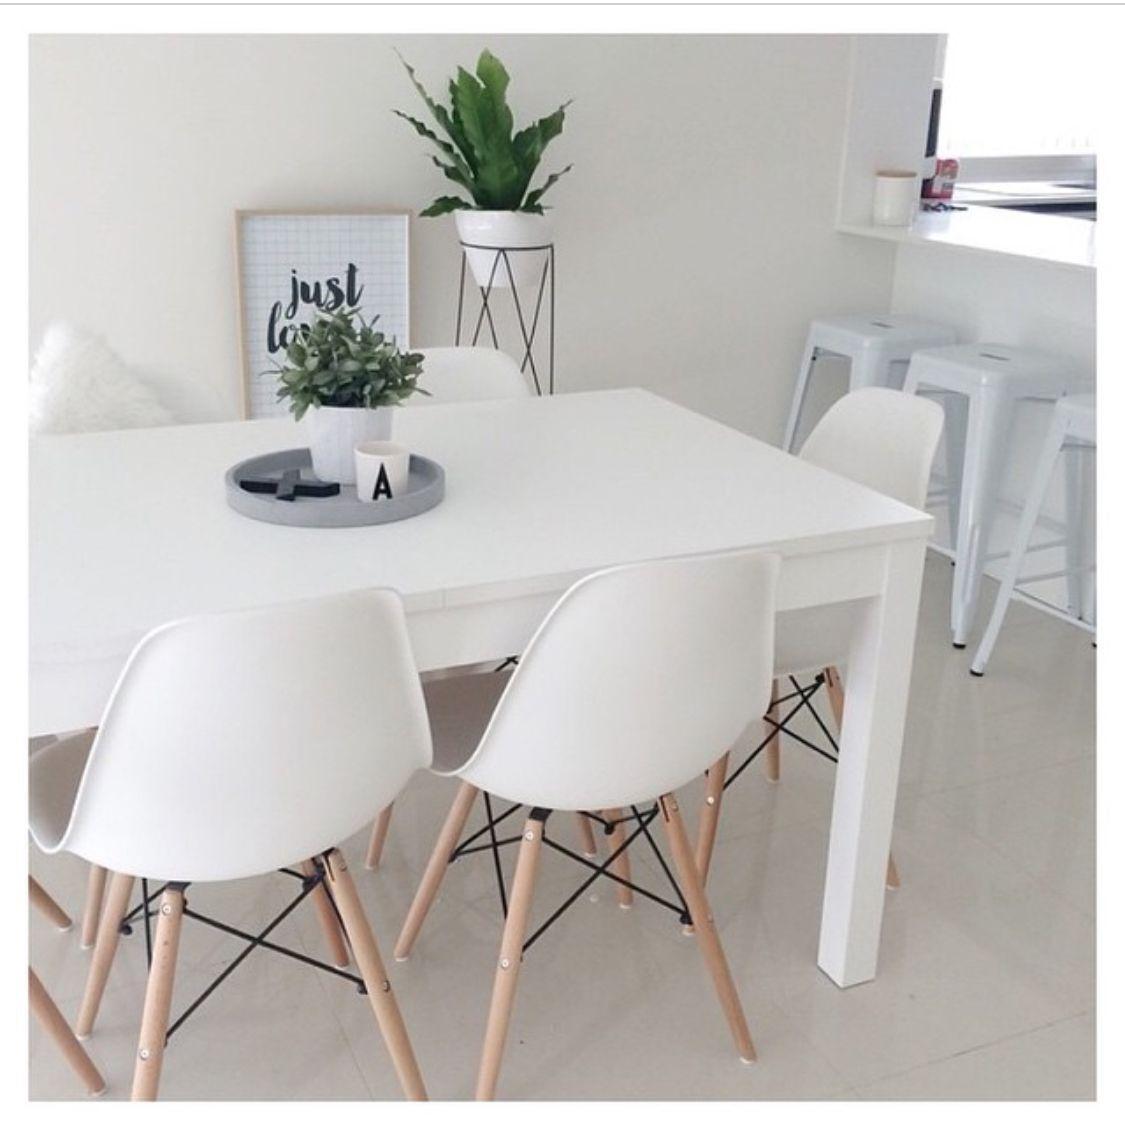 Chair & Table Inspo  Casa  Pinterest  Lofts Unique Kmart Kitchen Chairs Inspiration Design